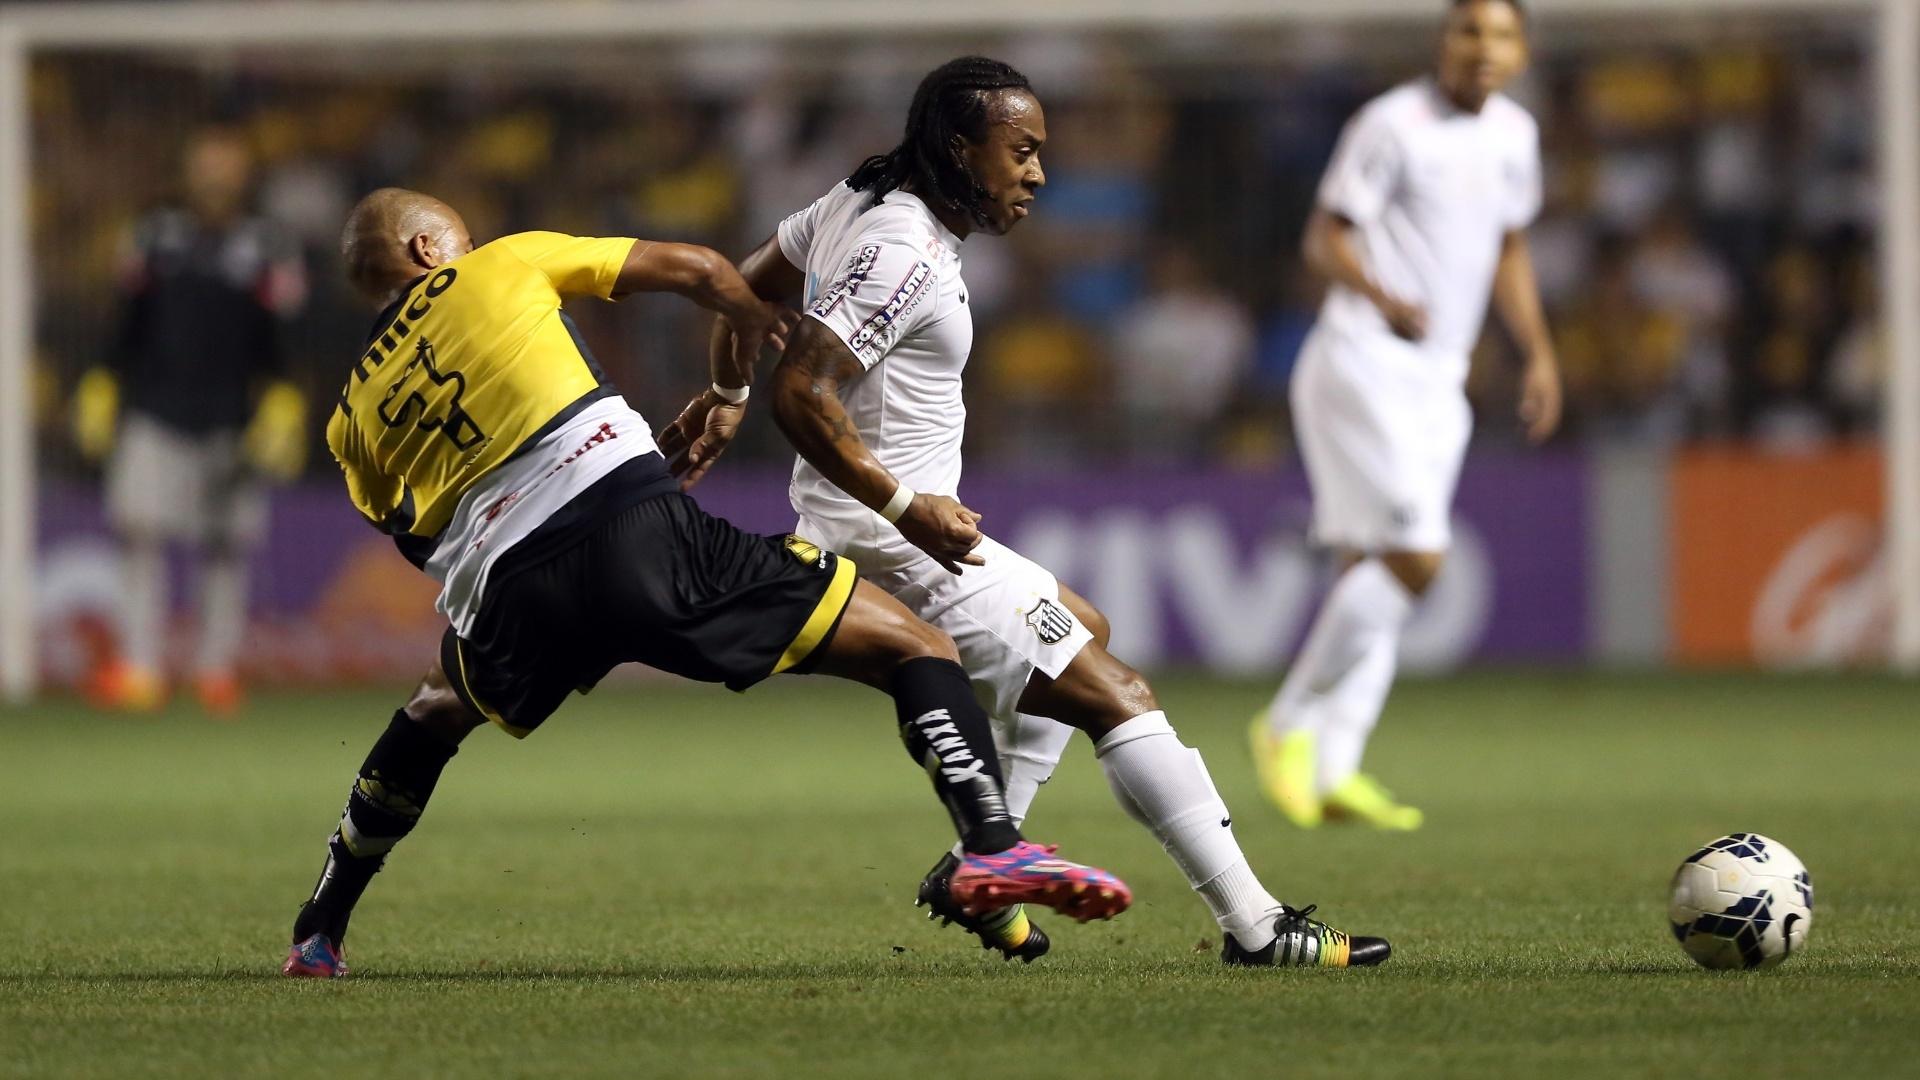 João Vitor, do Criciúma, aperta marcação contra Arouca, do Santos